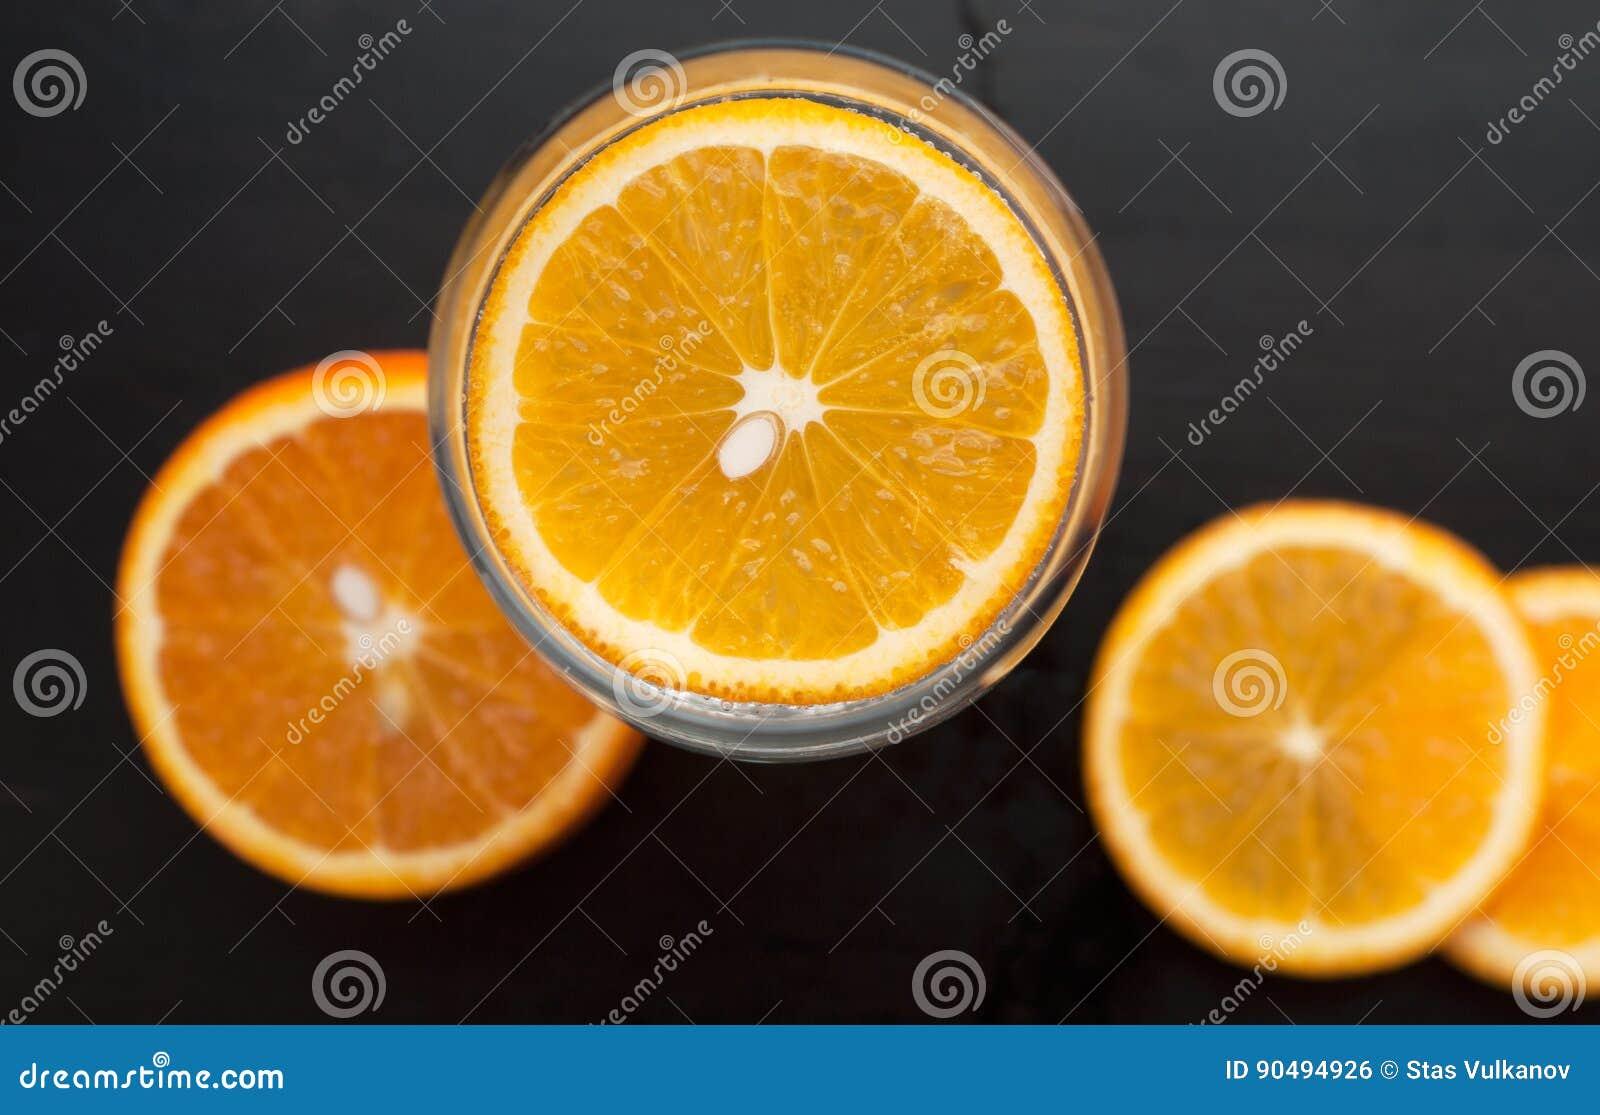 Orange Scheibe im Glas, die Ansicht von der Spitze, auf einem schwarzen hölzernen Hintergrund, Nahaufnahme,